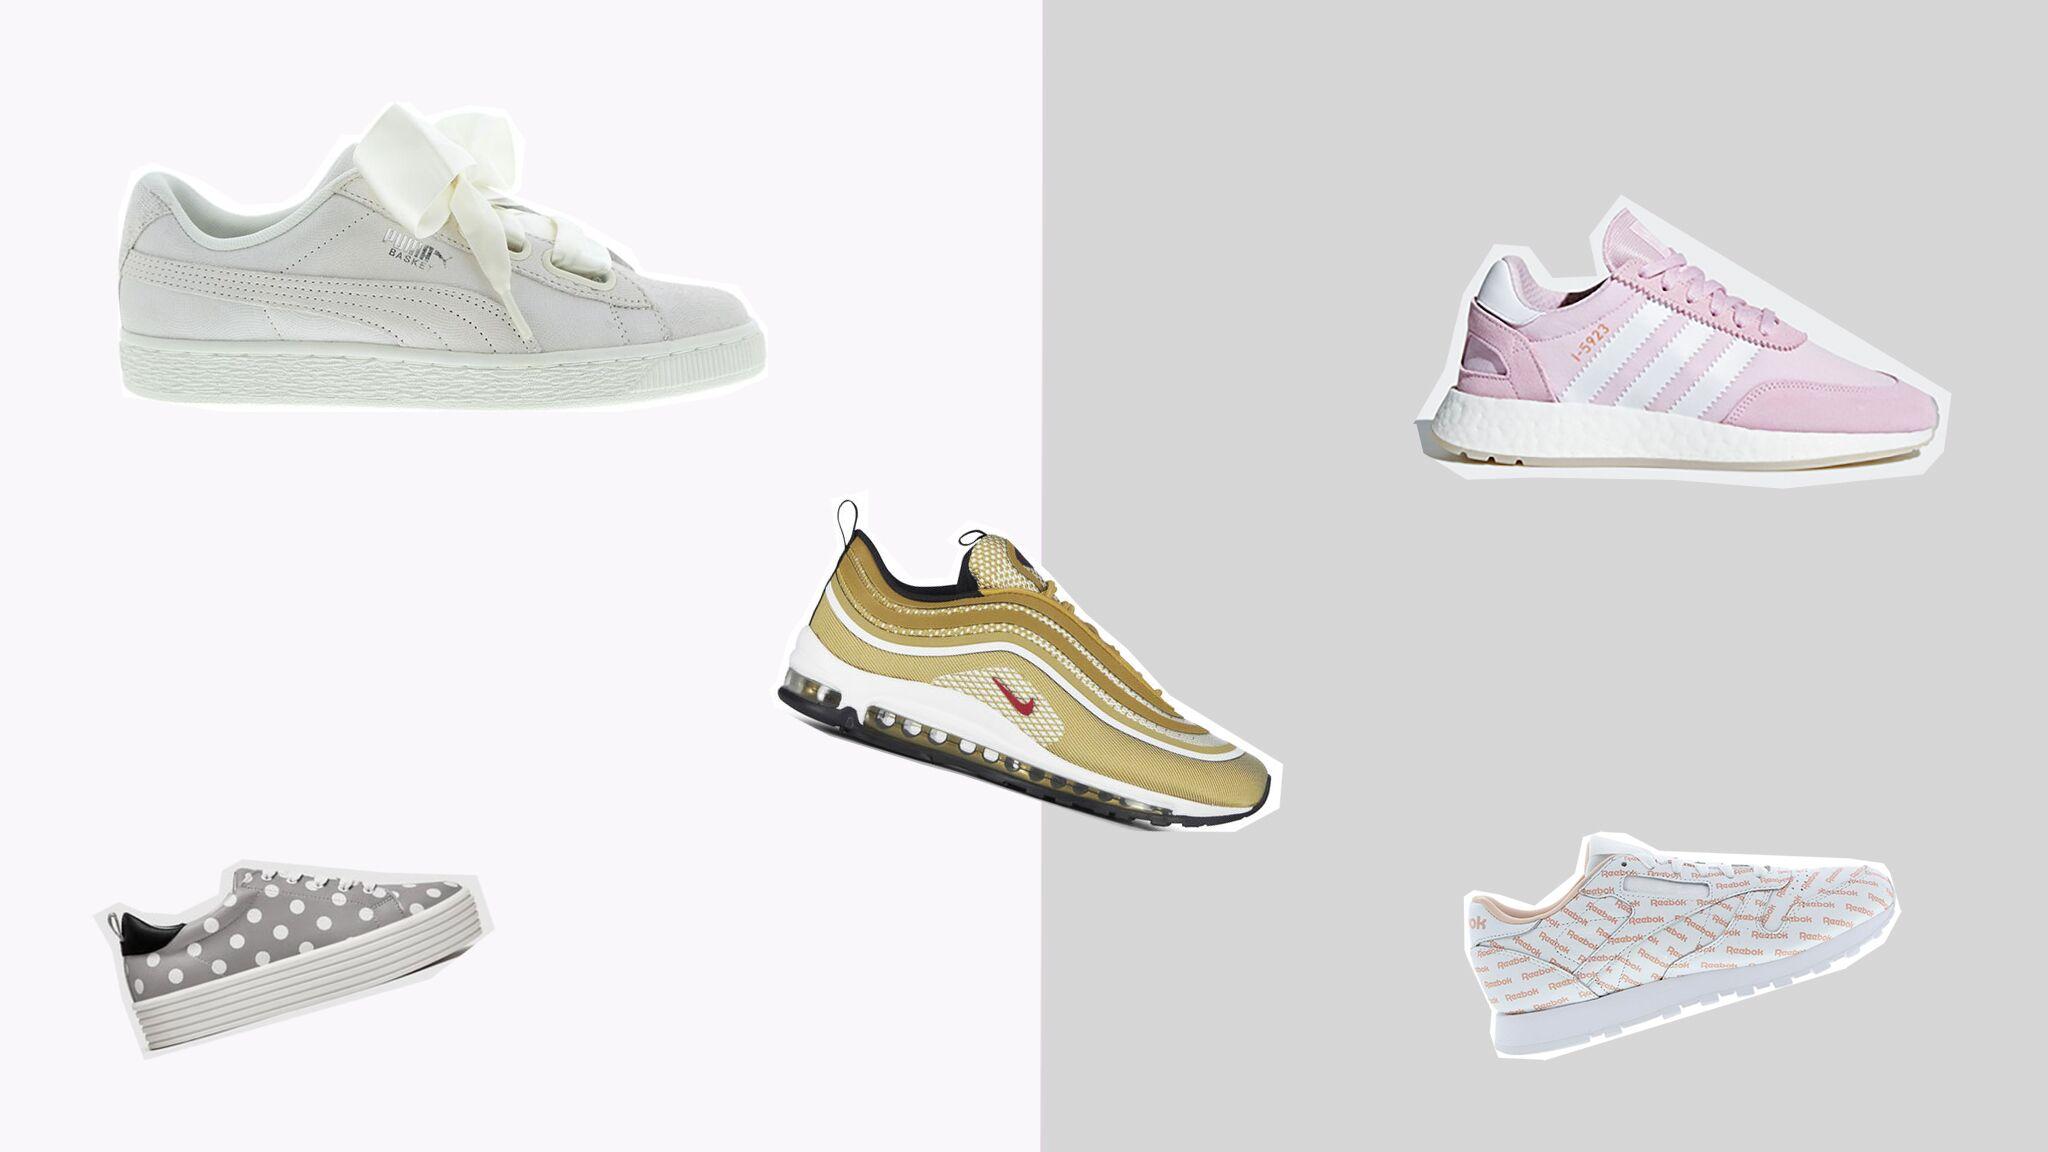 Soldes d'été : 10 modèles de sneakers soldés à s'offrir Voici